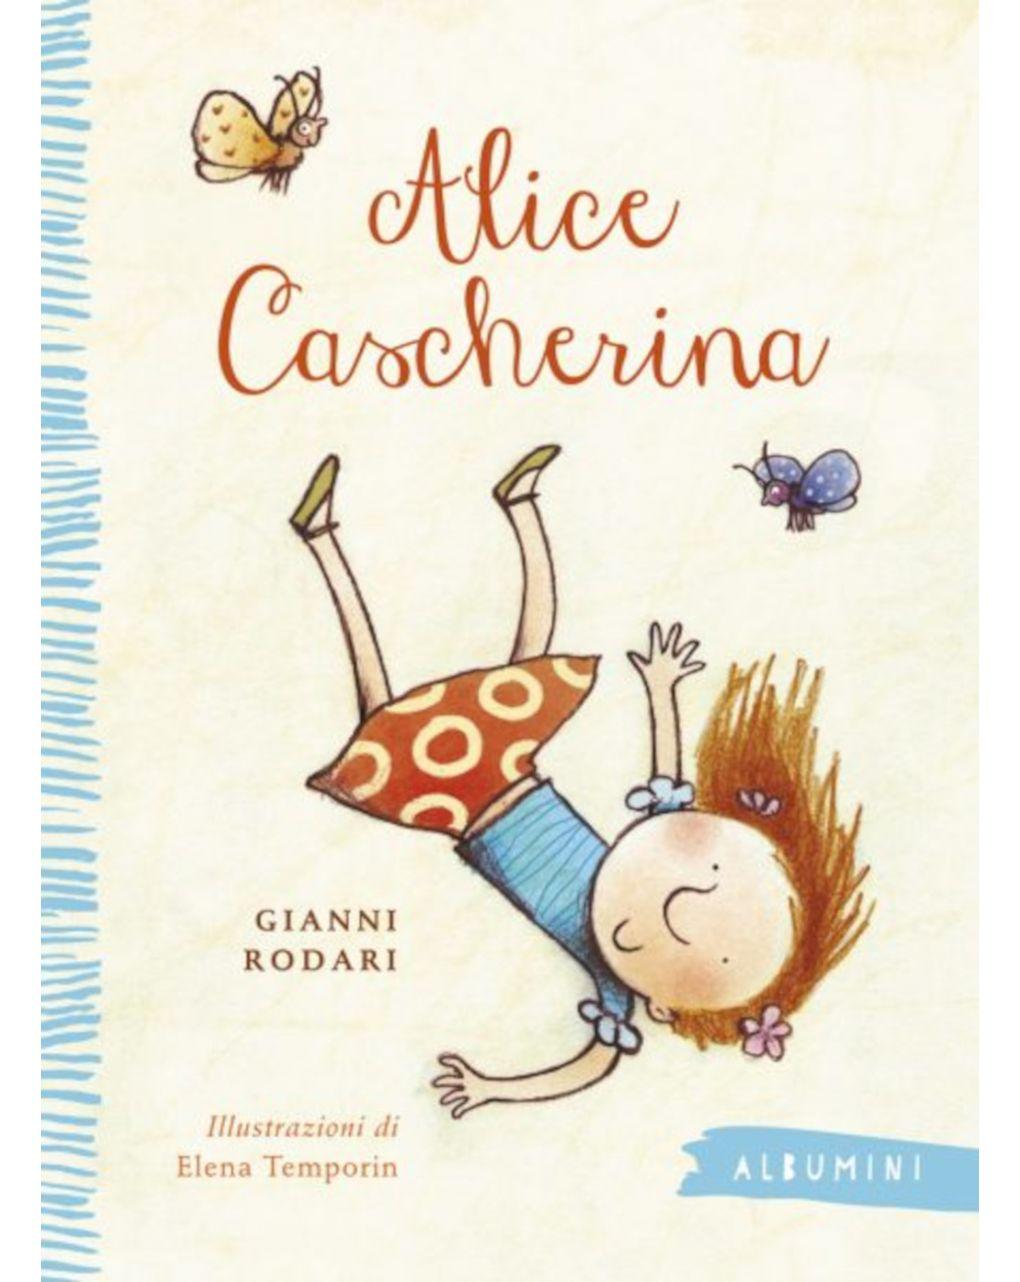 Albumini - alice cascherina - Edizioni EL